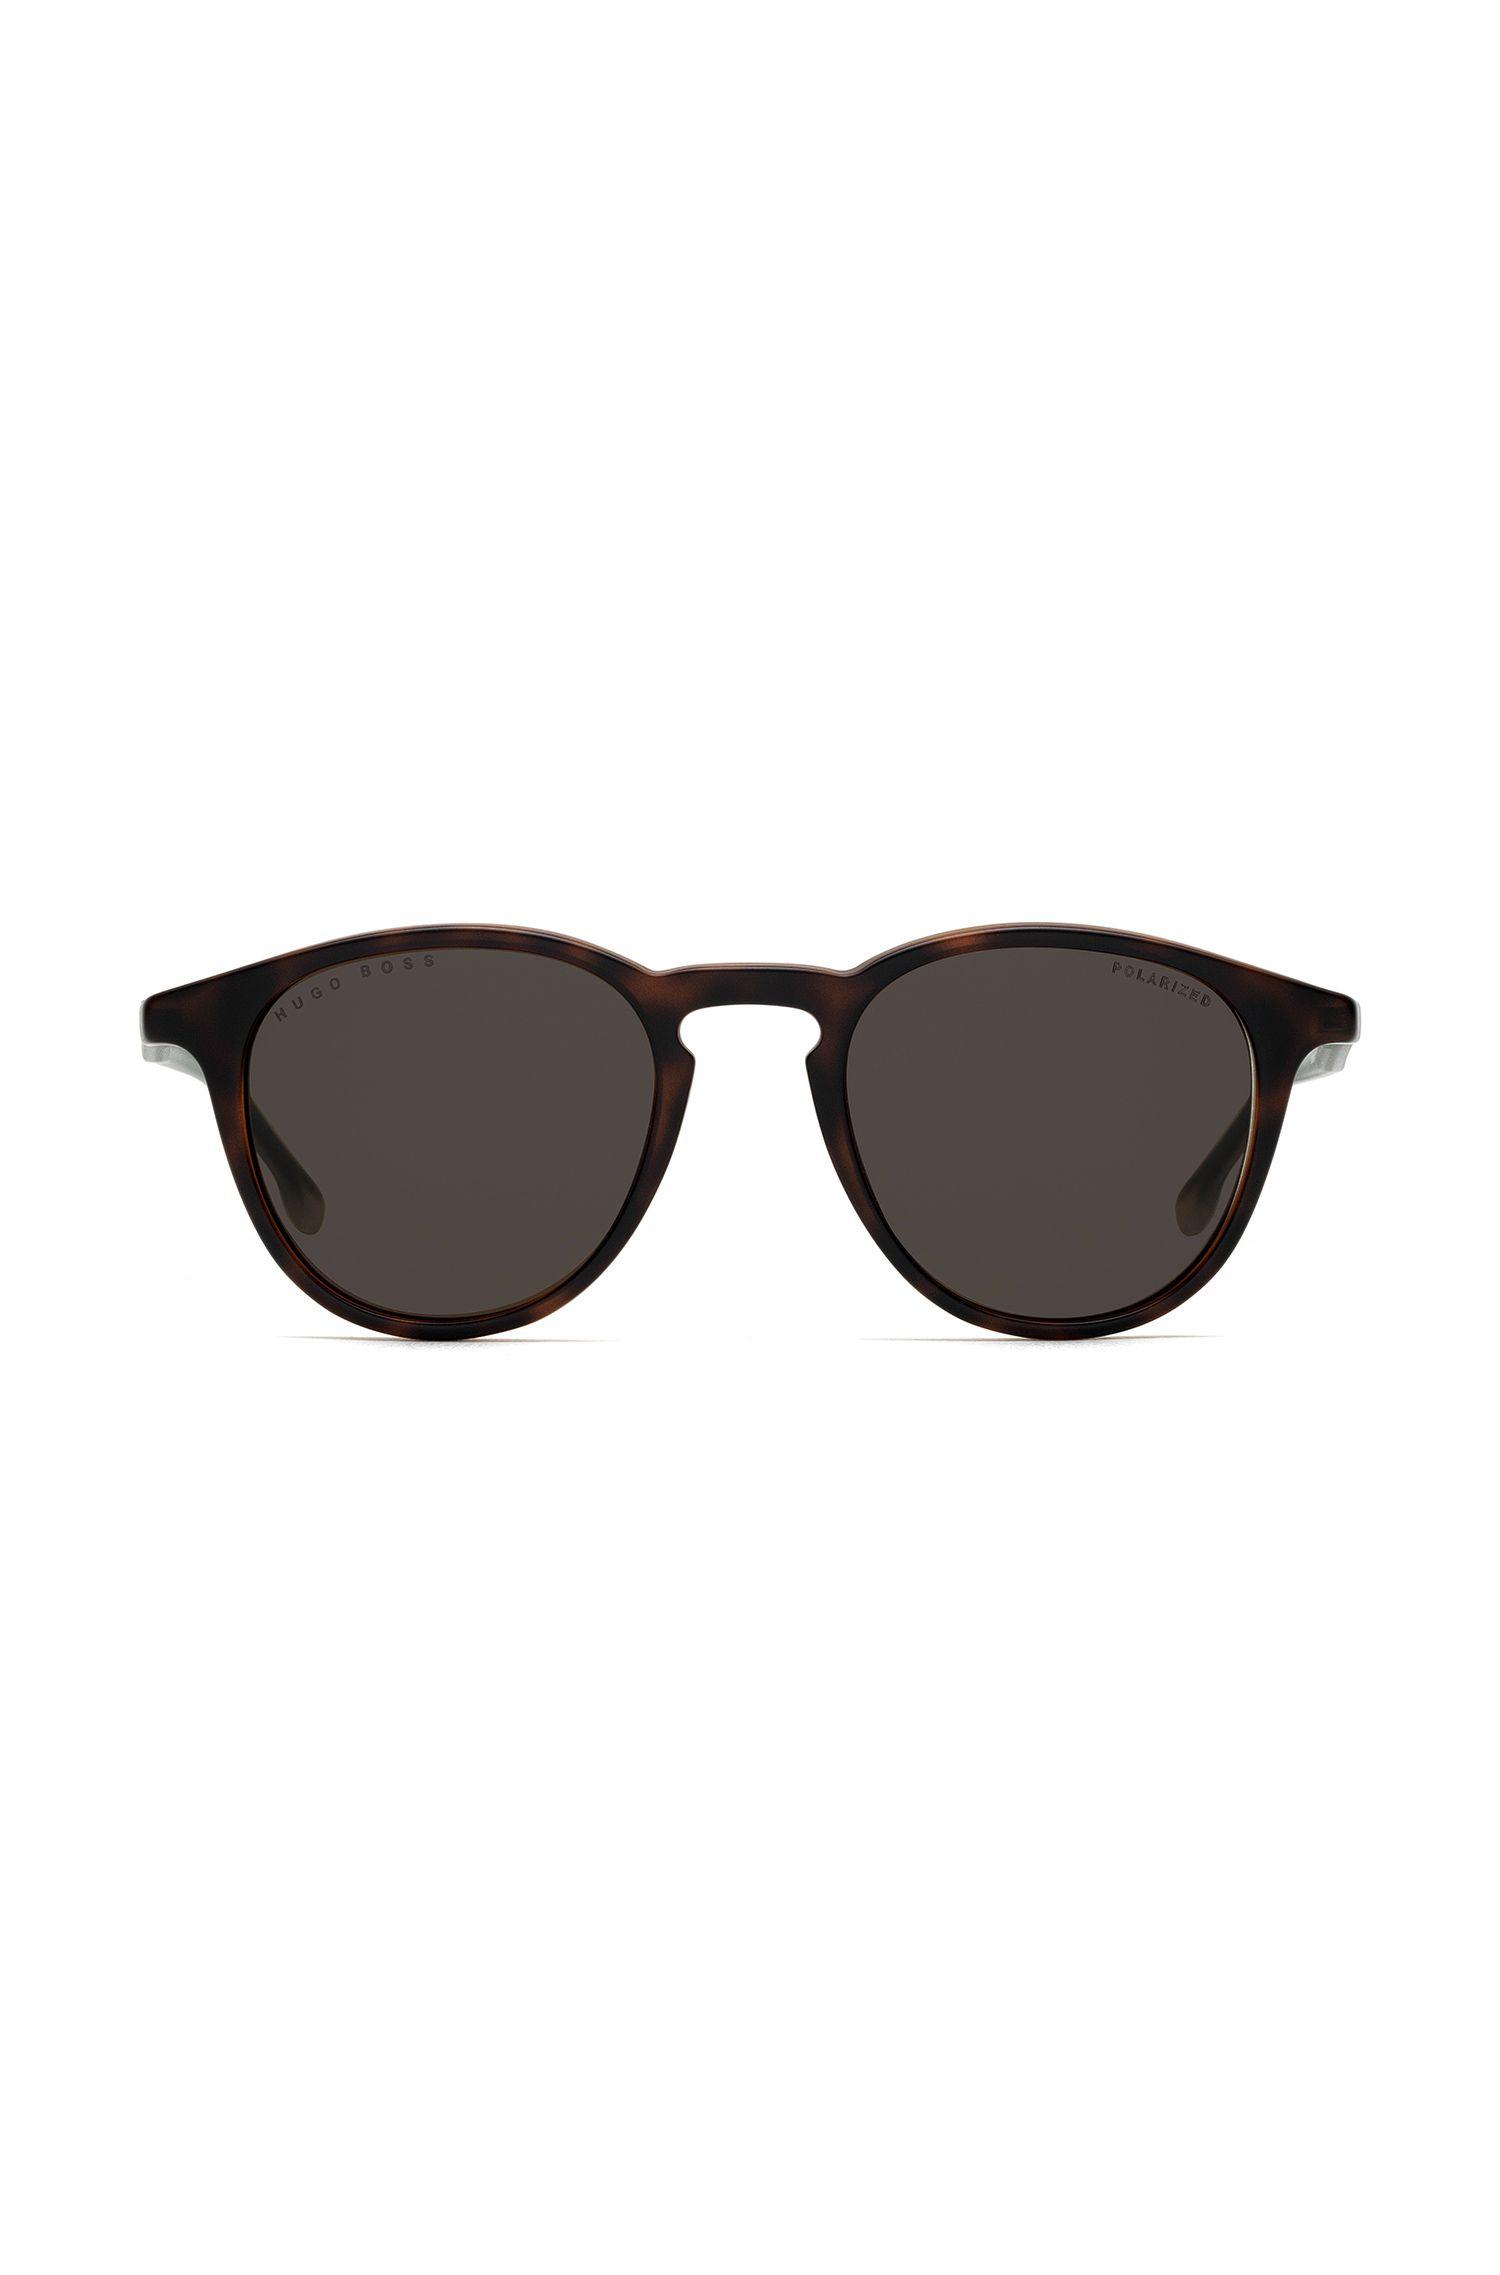 Sonnenbrille aus Optyl mit polarisierten Gläsern und Havanna-Muster